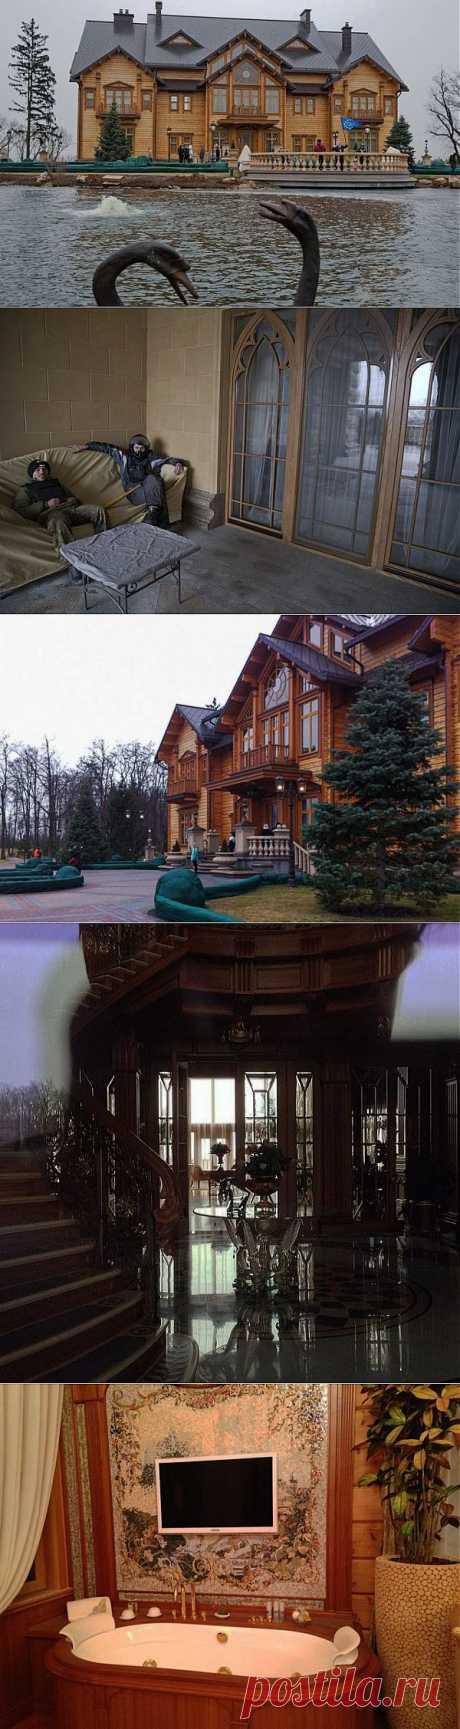 Резиденция Януковича - музей украинской коррупции / Всё самое лучшее из интернета